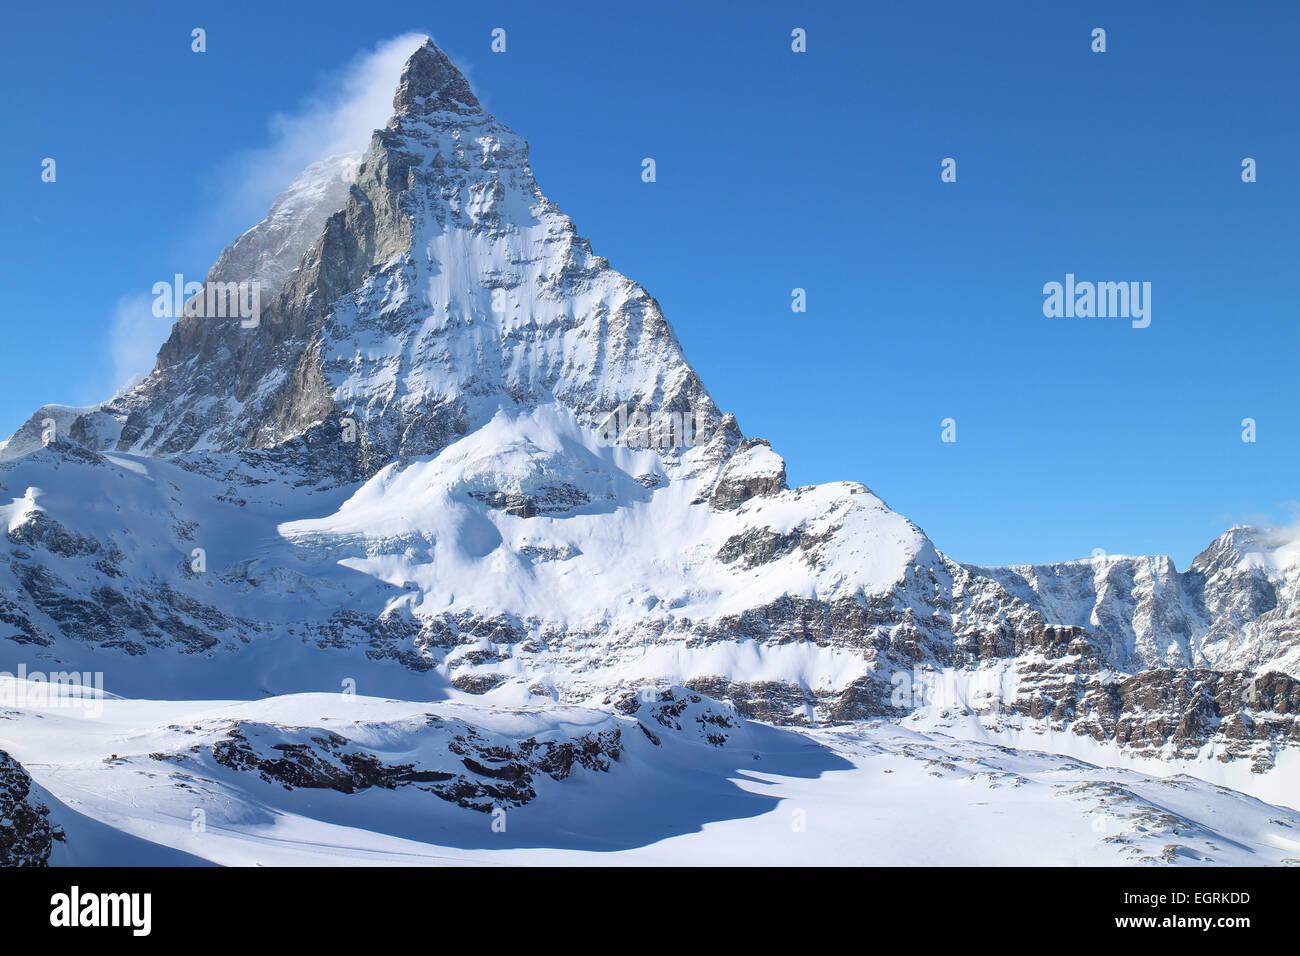 Matterhorn, Zermatt, Switzerland from Trockener Steg - Stock Image